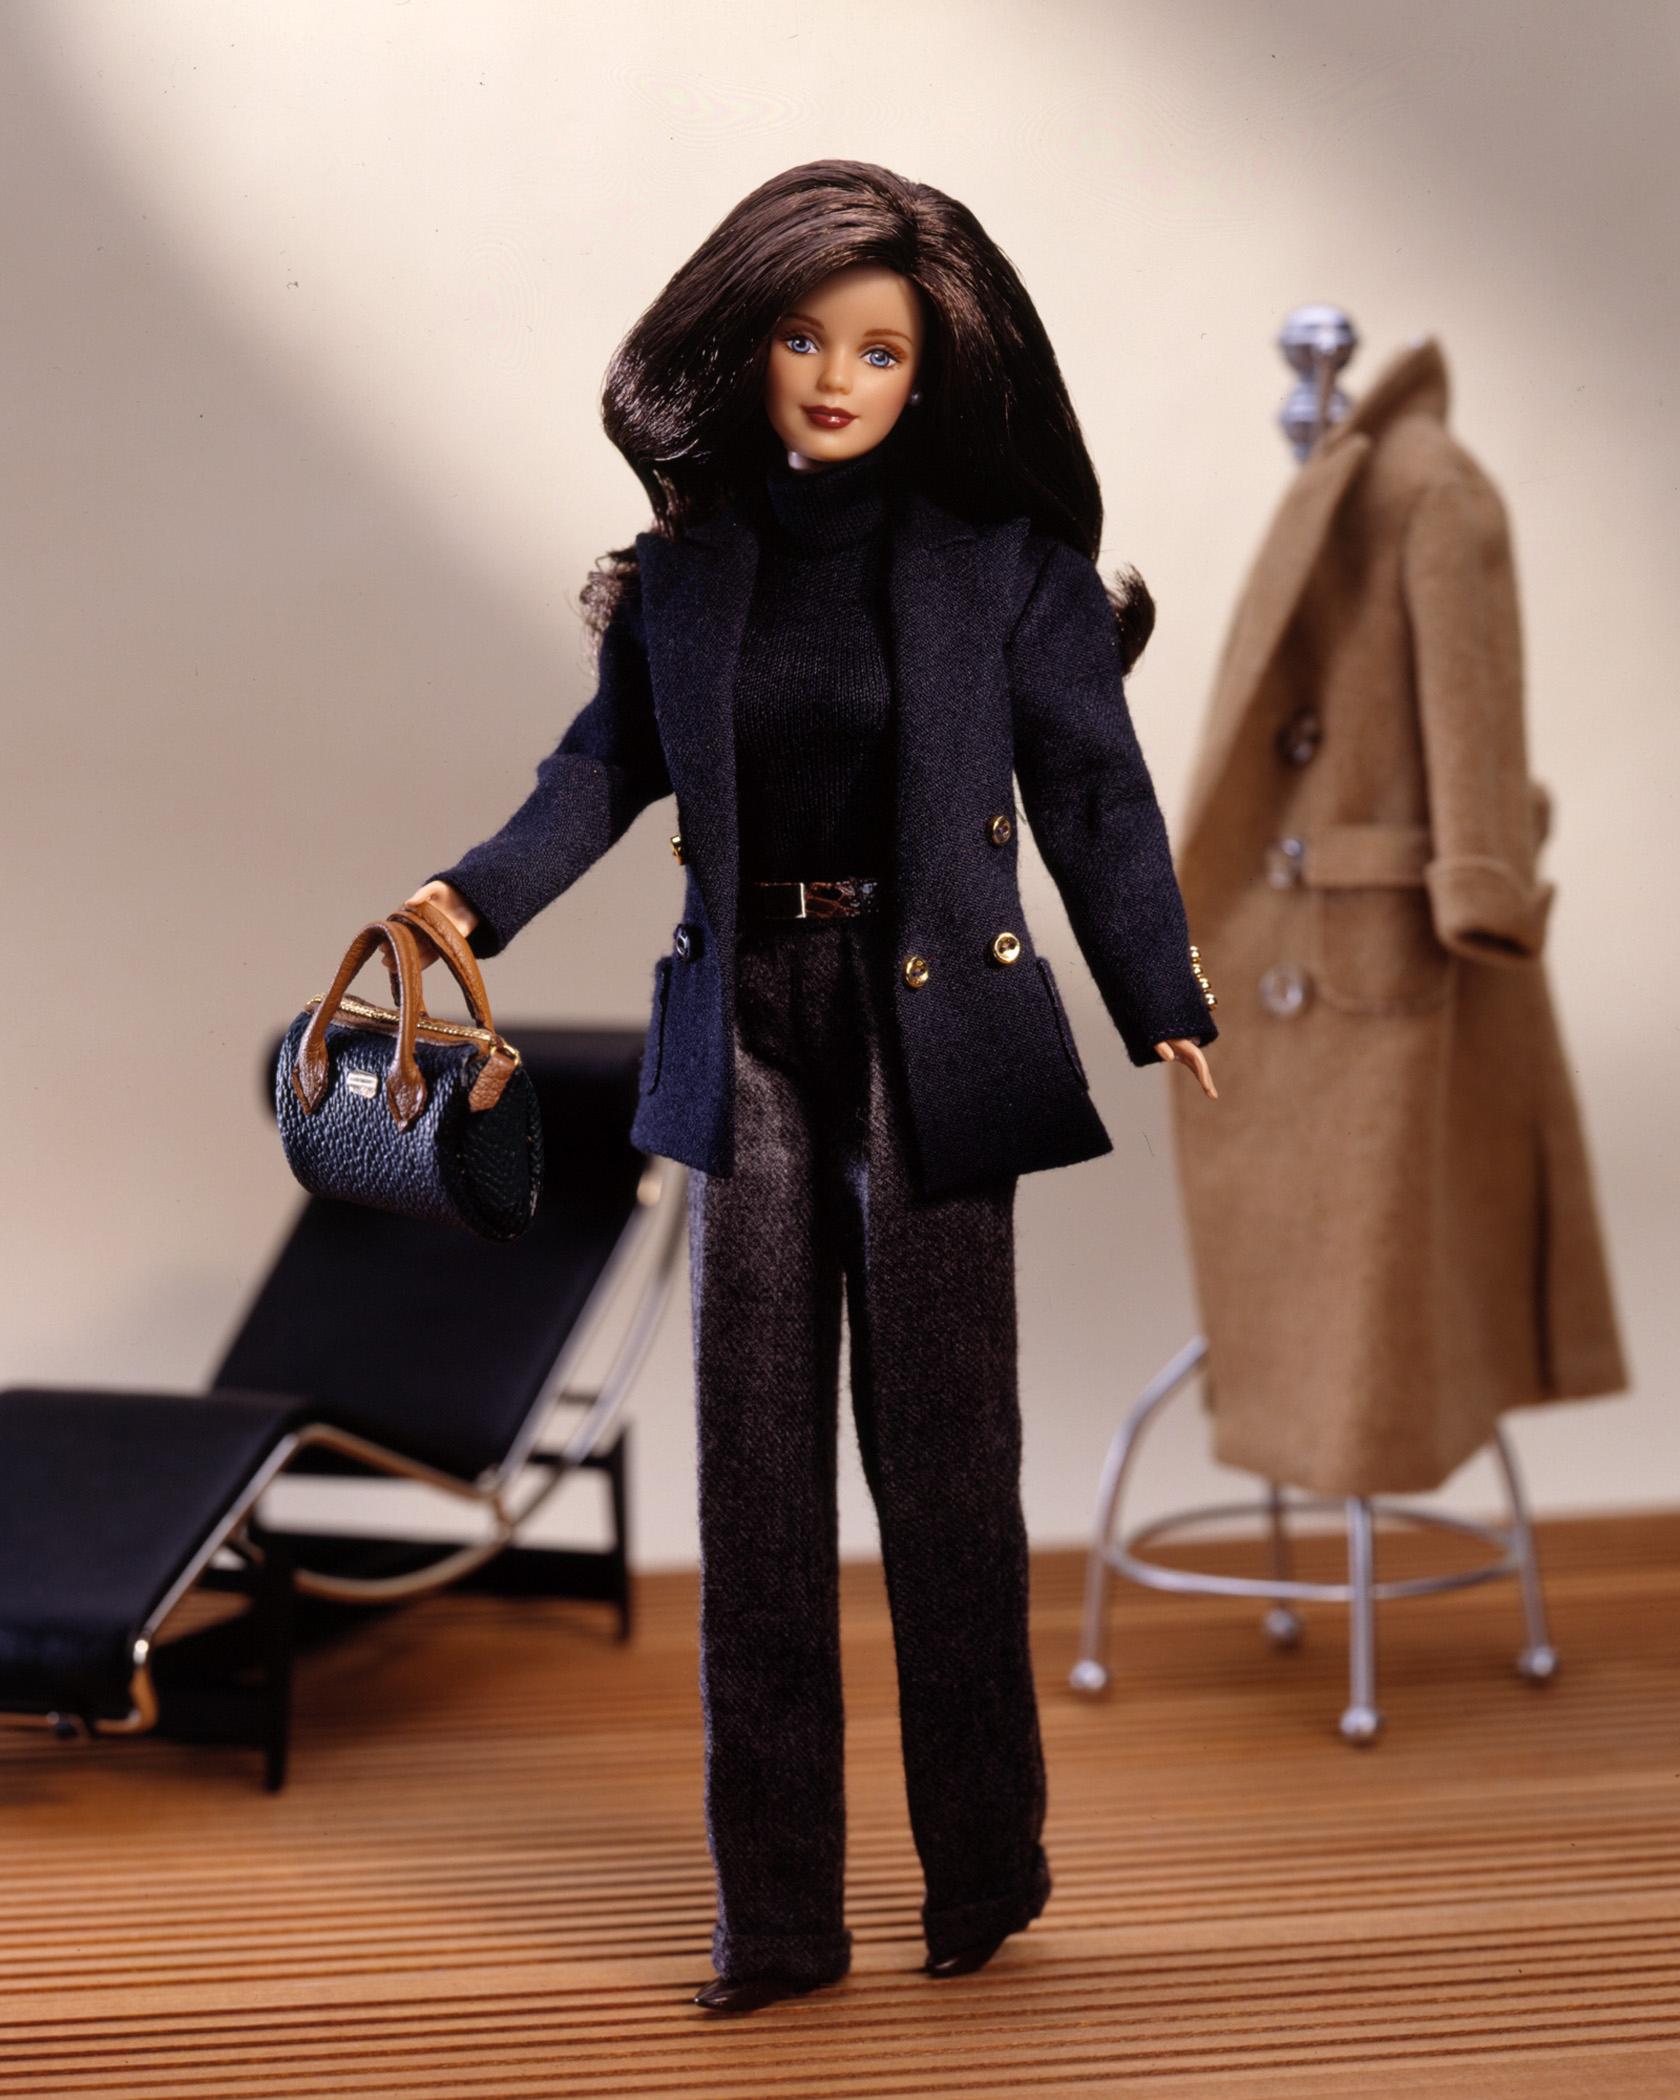 The Ralph Lauren Barbie Doll, released in 1996.